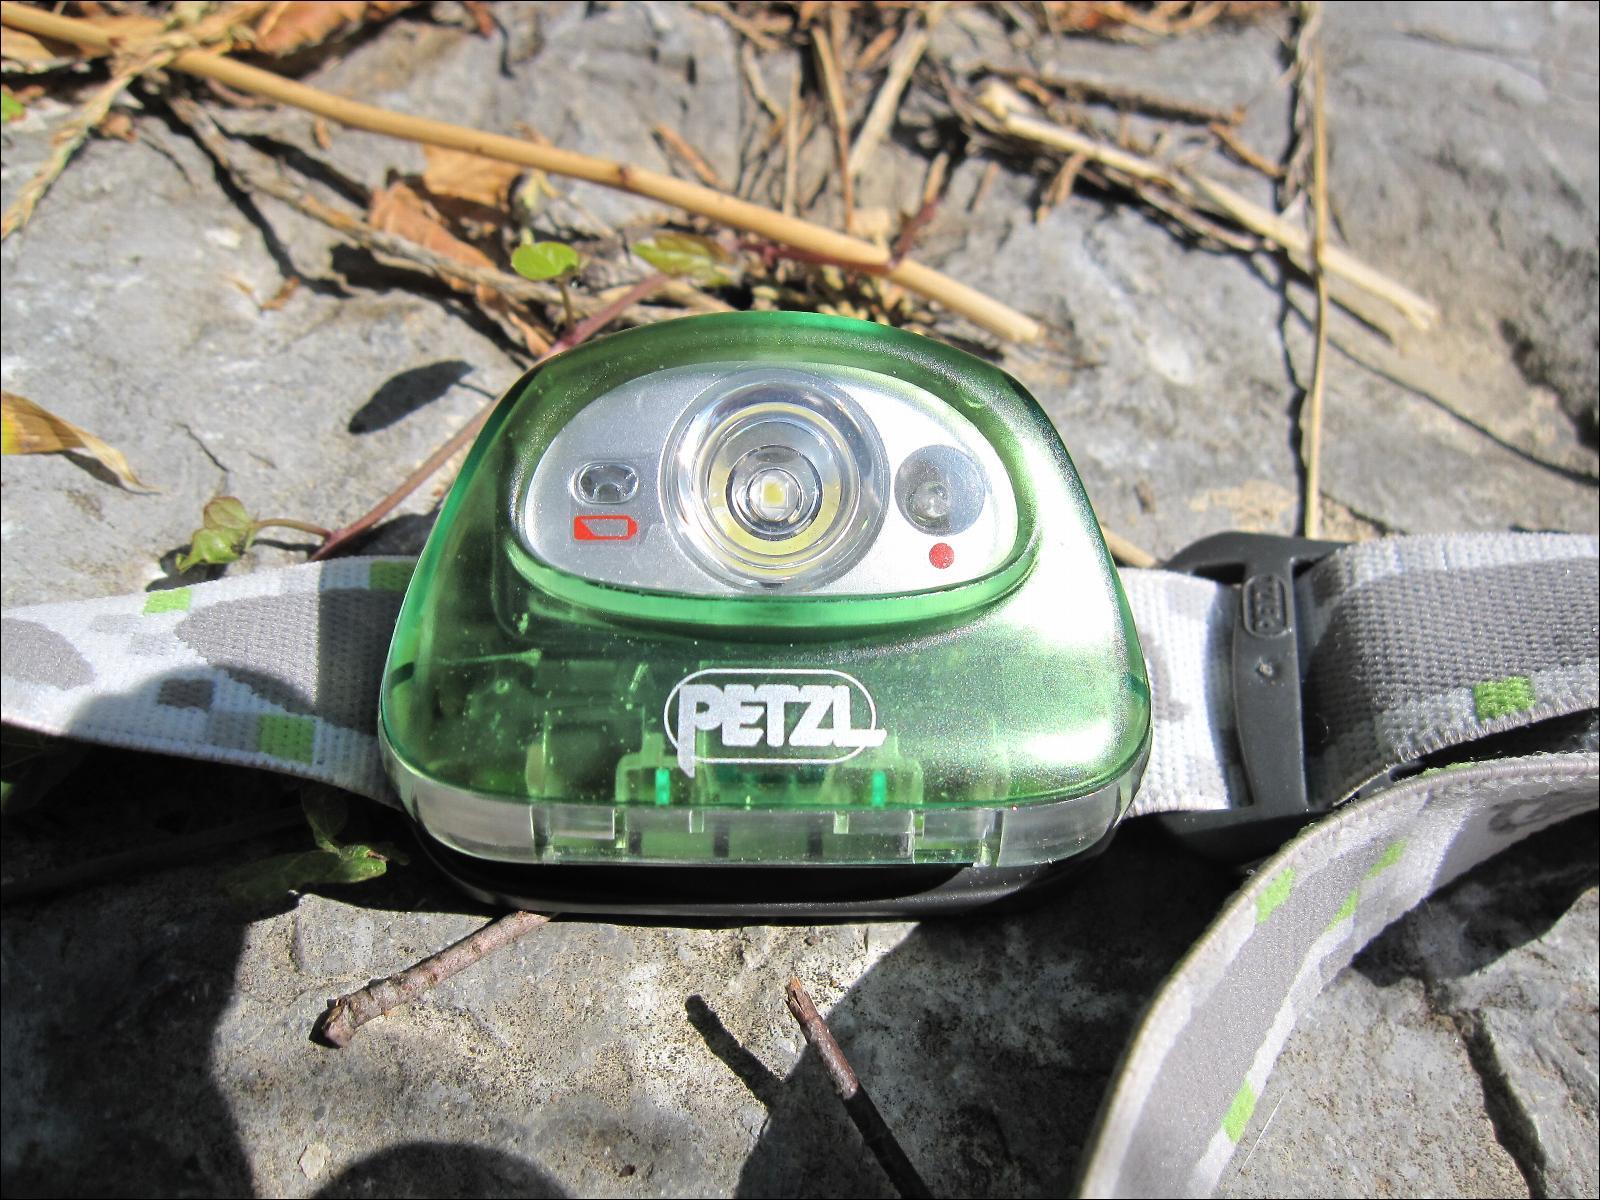 Frontale Petzl Tikka Plus 2